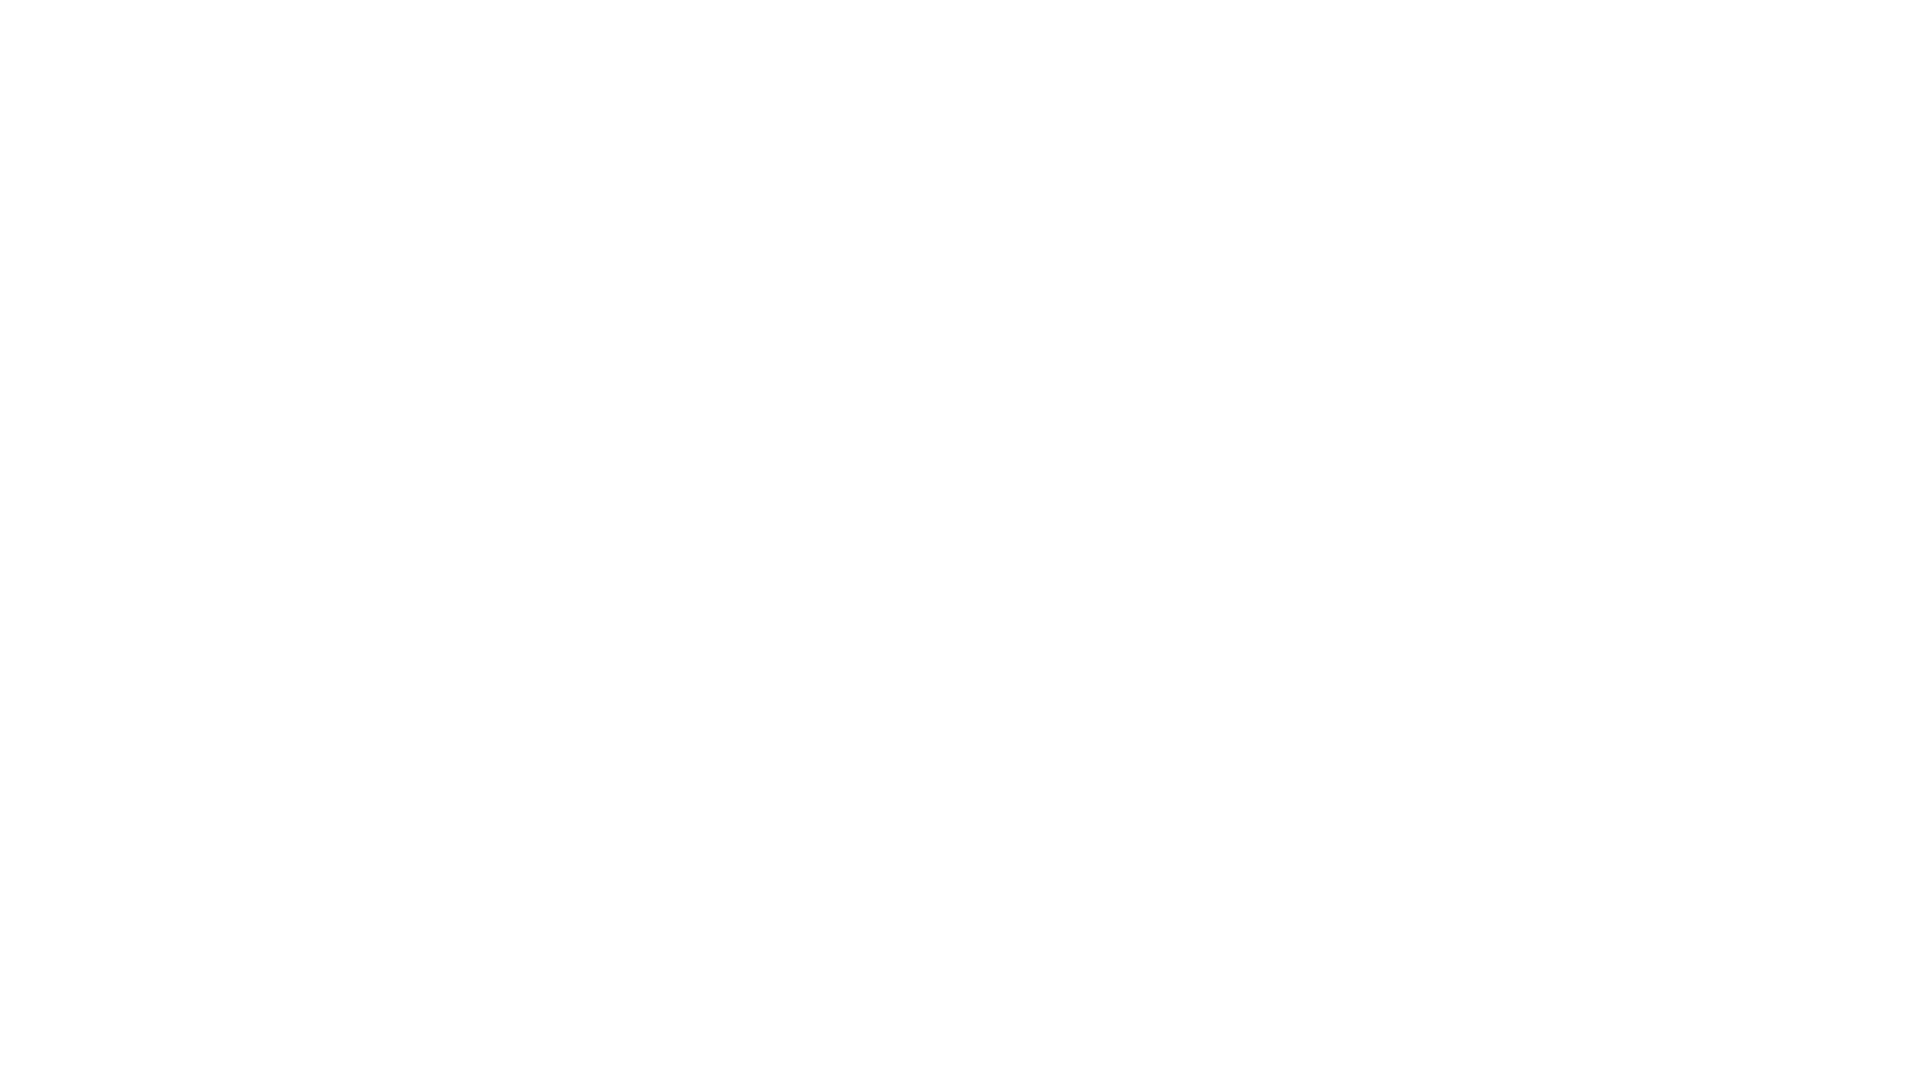 ※100個限定販売 至高下半身盗撮 プレミアム Vol.24 ハイビジョン 2011名作 ぱこり動画紹介 79枚 76